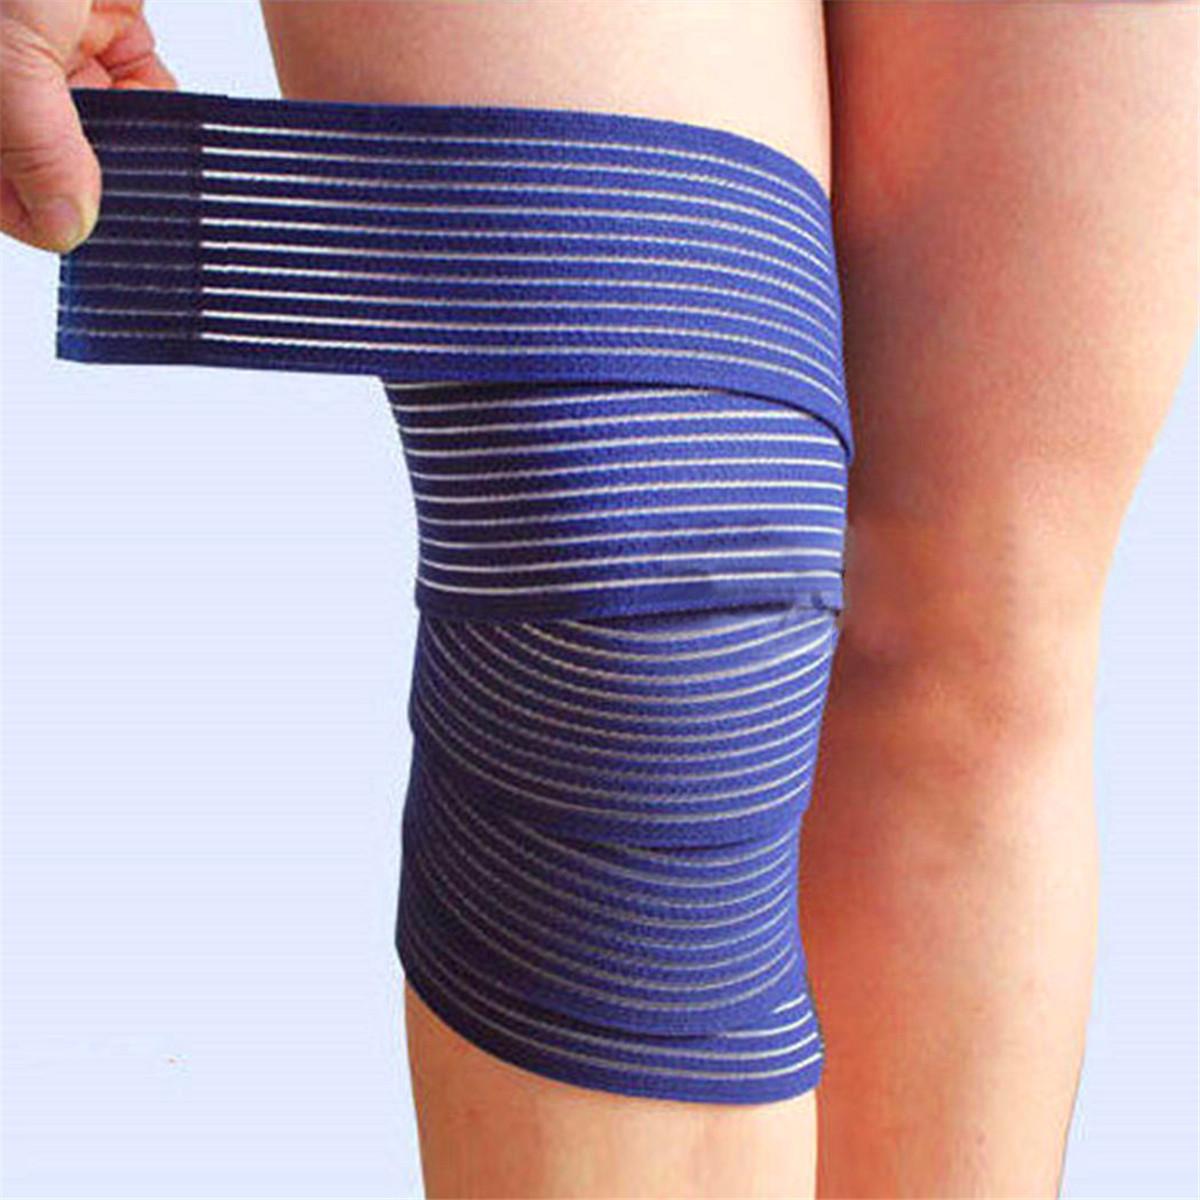 Elastic Wrist Knee Ankle Arm Support Band Bandage Brace ...